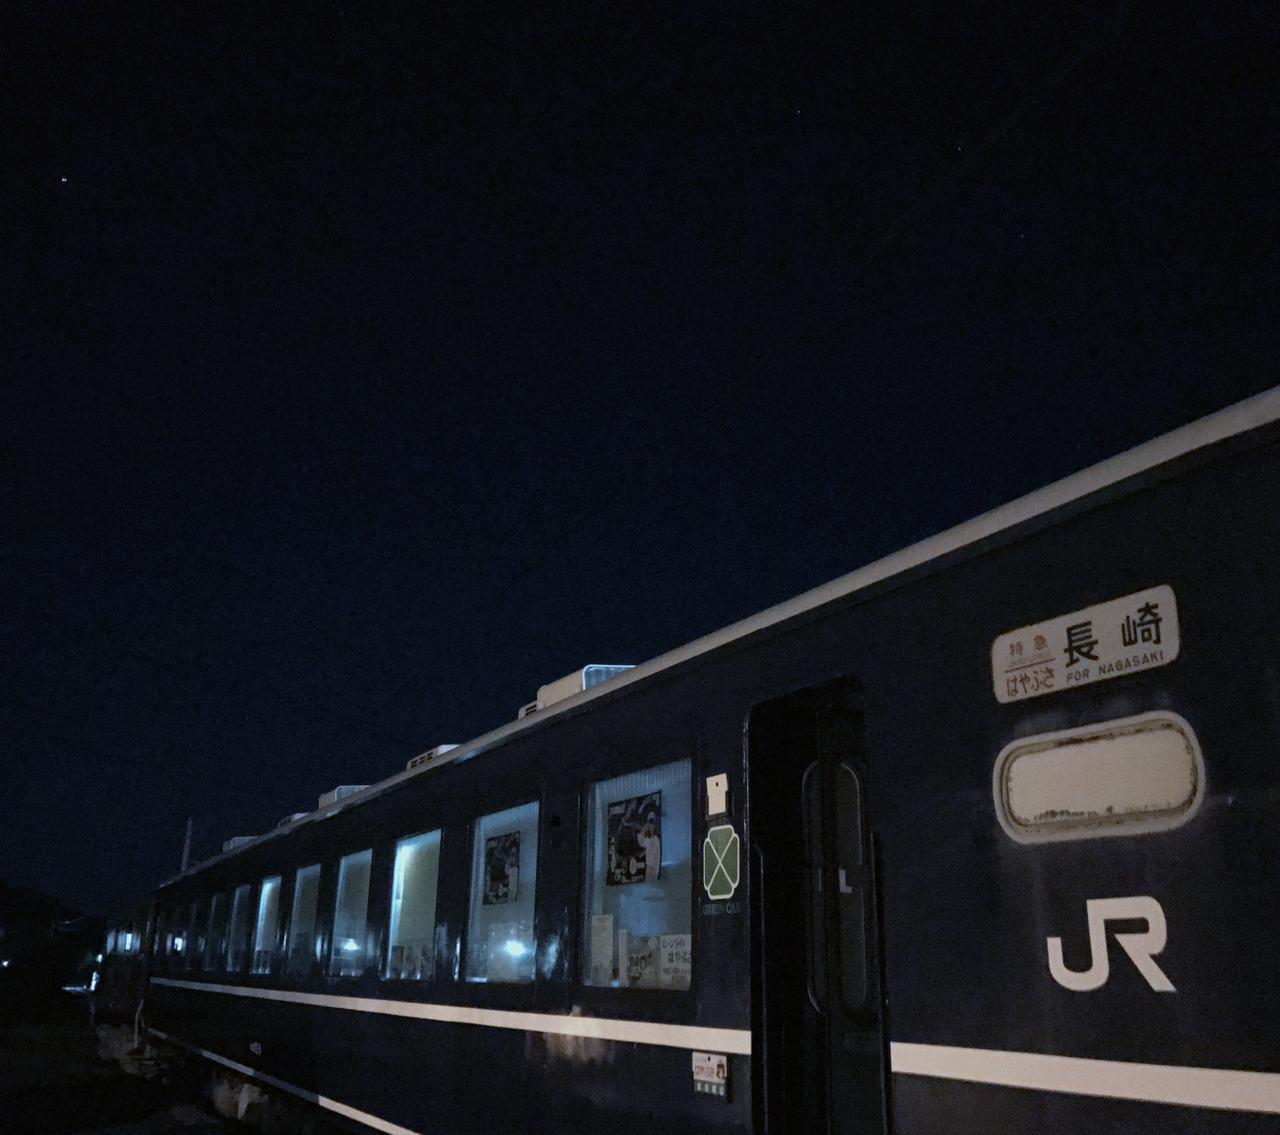 画像: 静寂な若桜の夜を見上げてみると、ブルトレの上には星空も垣間見え、本当に列車が走り出しそうな雰囲気です。